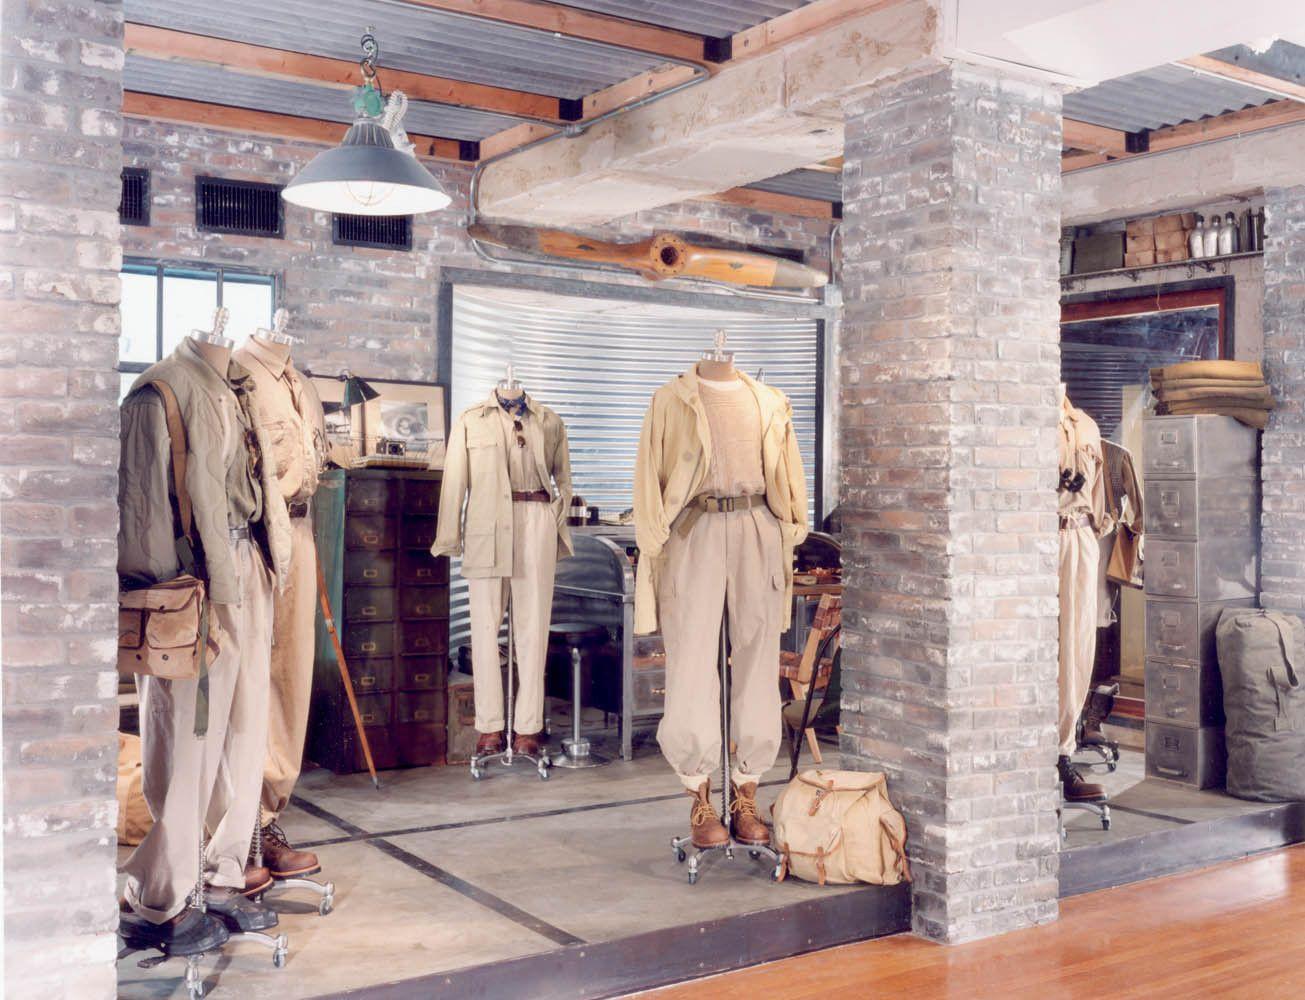 1ralph_lauren_menswear_showroom_0098.jpg